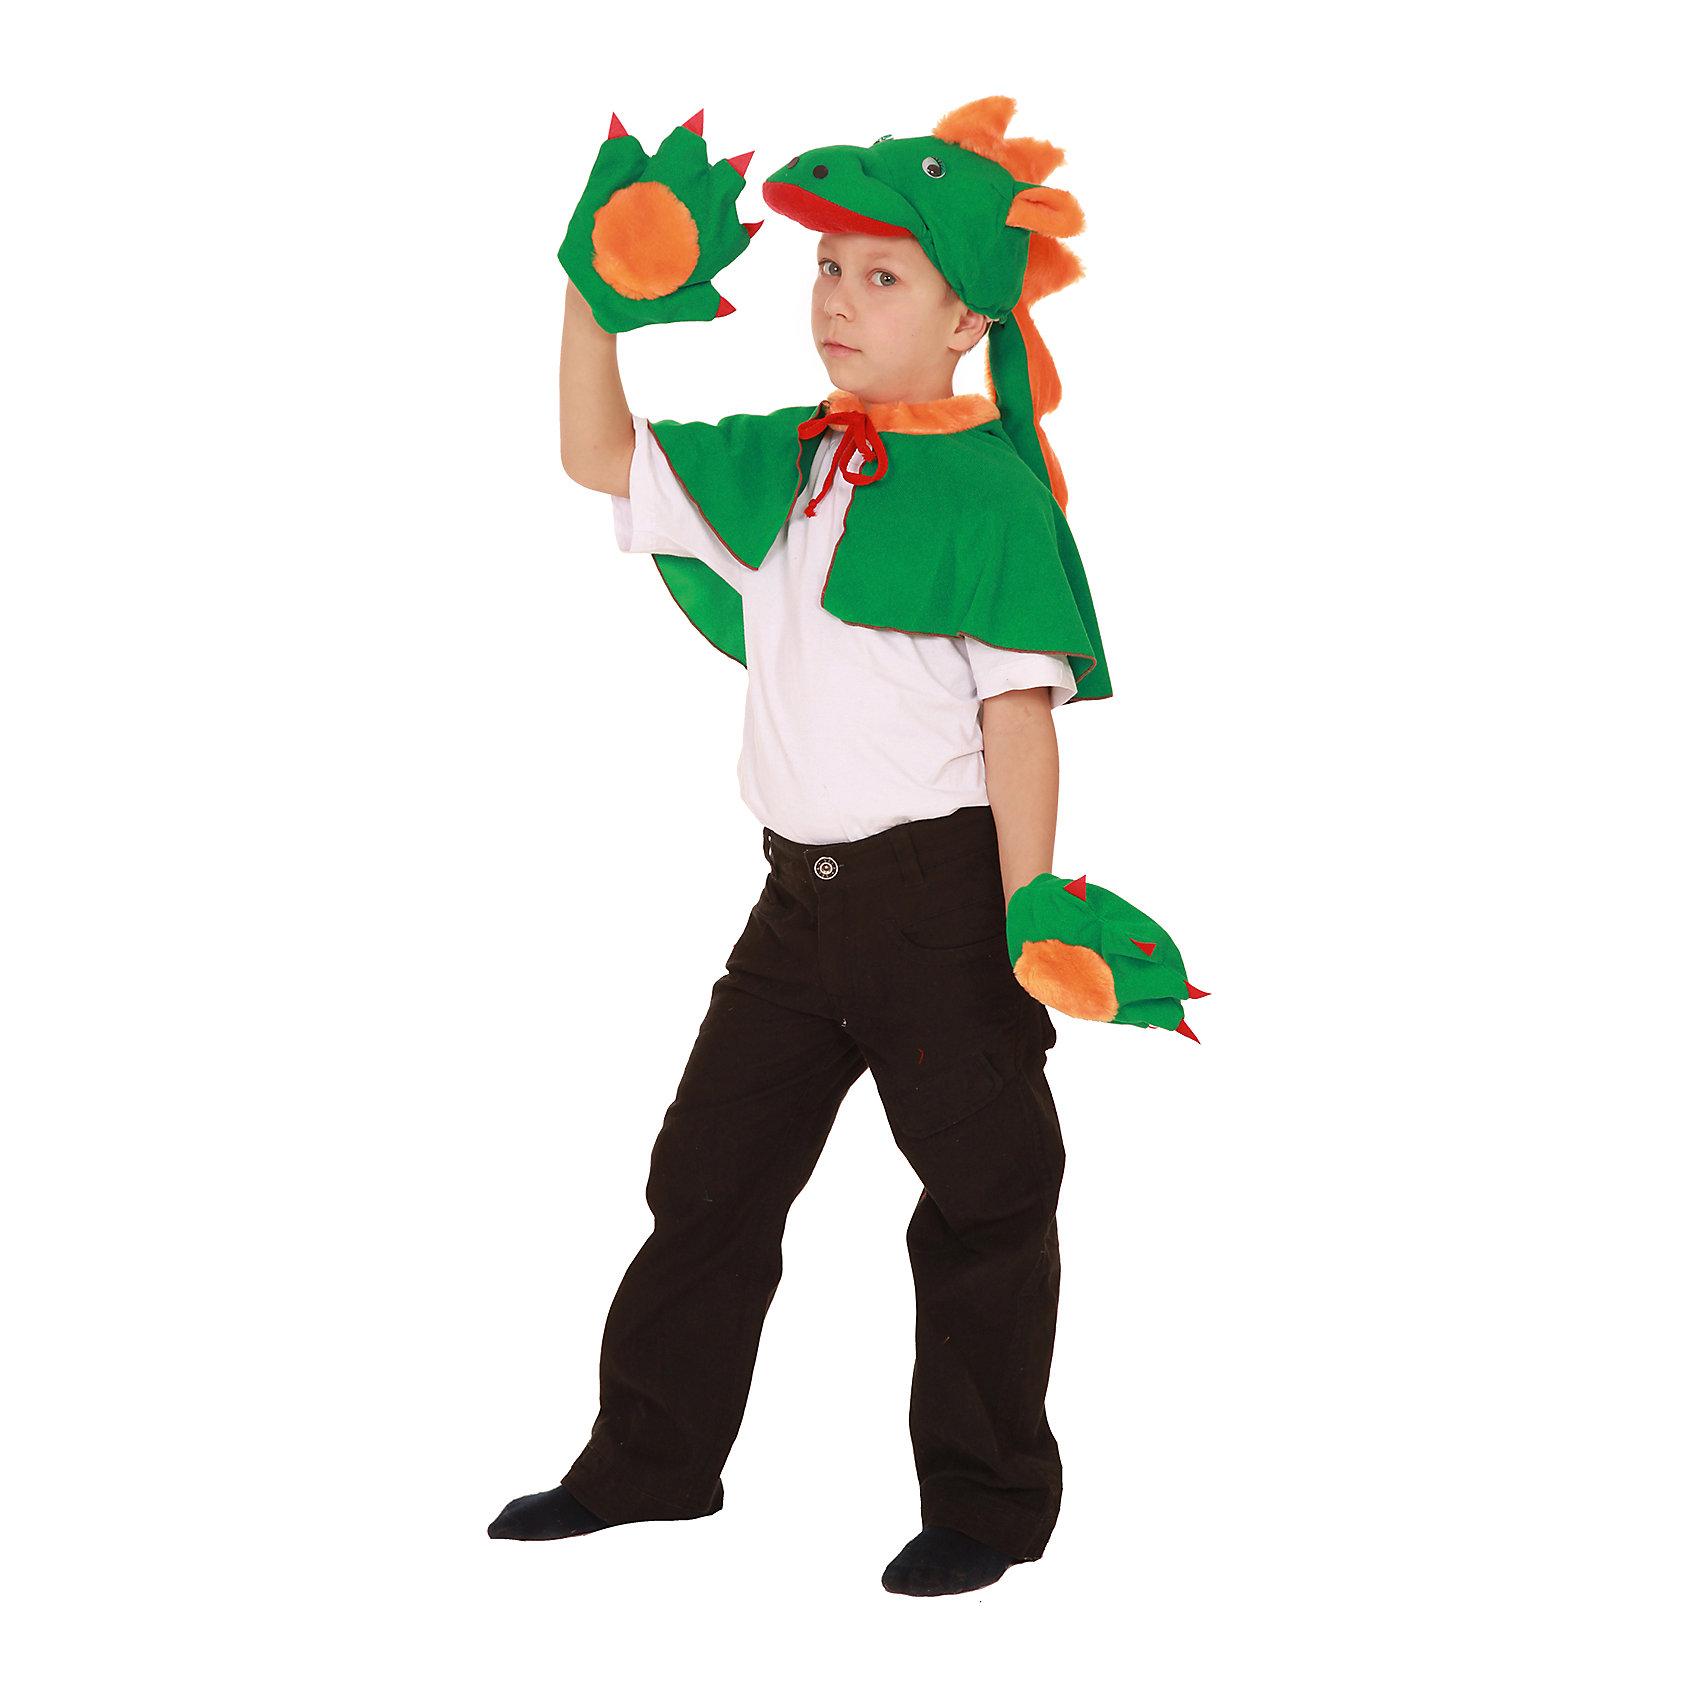 Карнавальный костюм для мальчика Дракон, ВестификаКарнавальные костюмы и аксессуары<br>Детский карнавальный костюм Дракон очень любят мальчики. Дракон сильный, смелый, он все может. Именно такими и хотят быть малыши. Именно такую роль помогает им играть наш карнавальный костюм Дракон. Костюм состоит из накидки-пелерины, шапочки-маски и варежек.<br><br>Дополнительная информация:<br><br>Комплектация:<br>Накидка-пелерина<br>Шапка-маска<br>Варежки<br>Ткани:<br>Искусственная замша (100% полиэстер)<br><br>Карнавальный костюм для мальчика Дракон, Вестифика можно купить в нашем магазине.<br><br>Ширина мм: 236<br>Глубина мм: 16<br>Высота мм: 184<br>Вес г: 100<br>Цвет: разноцветный<br>Возраст от месяцев: 60<br>Возраст до месяцев: 84<br>Пол: Мужской<br>Возраст: Детский<br>Размер: 98/116<br>SKU: 4389272